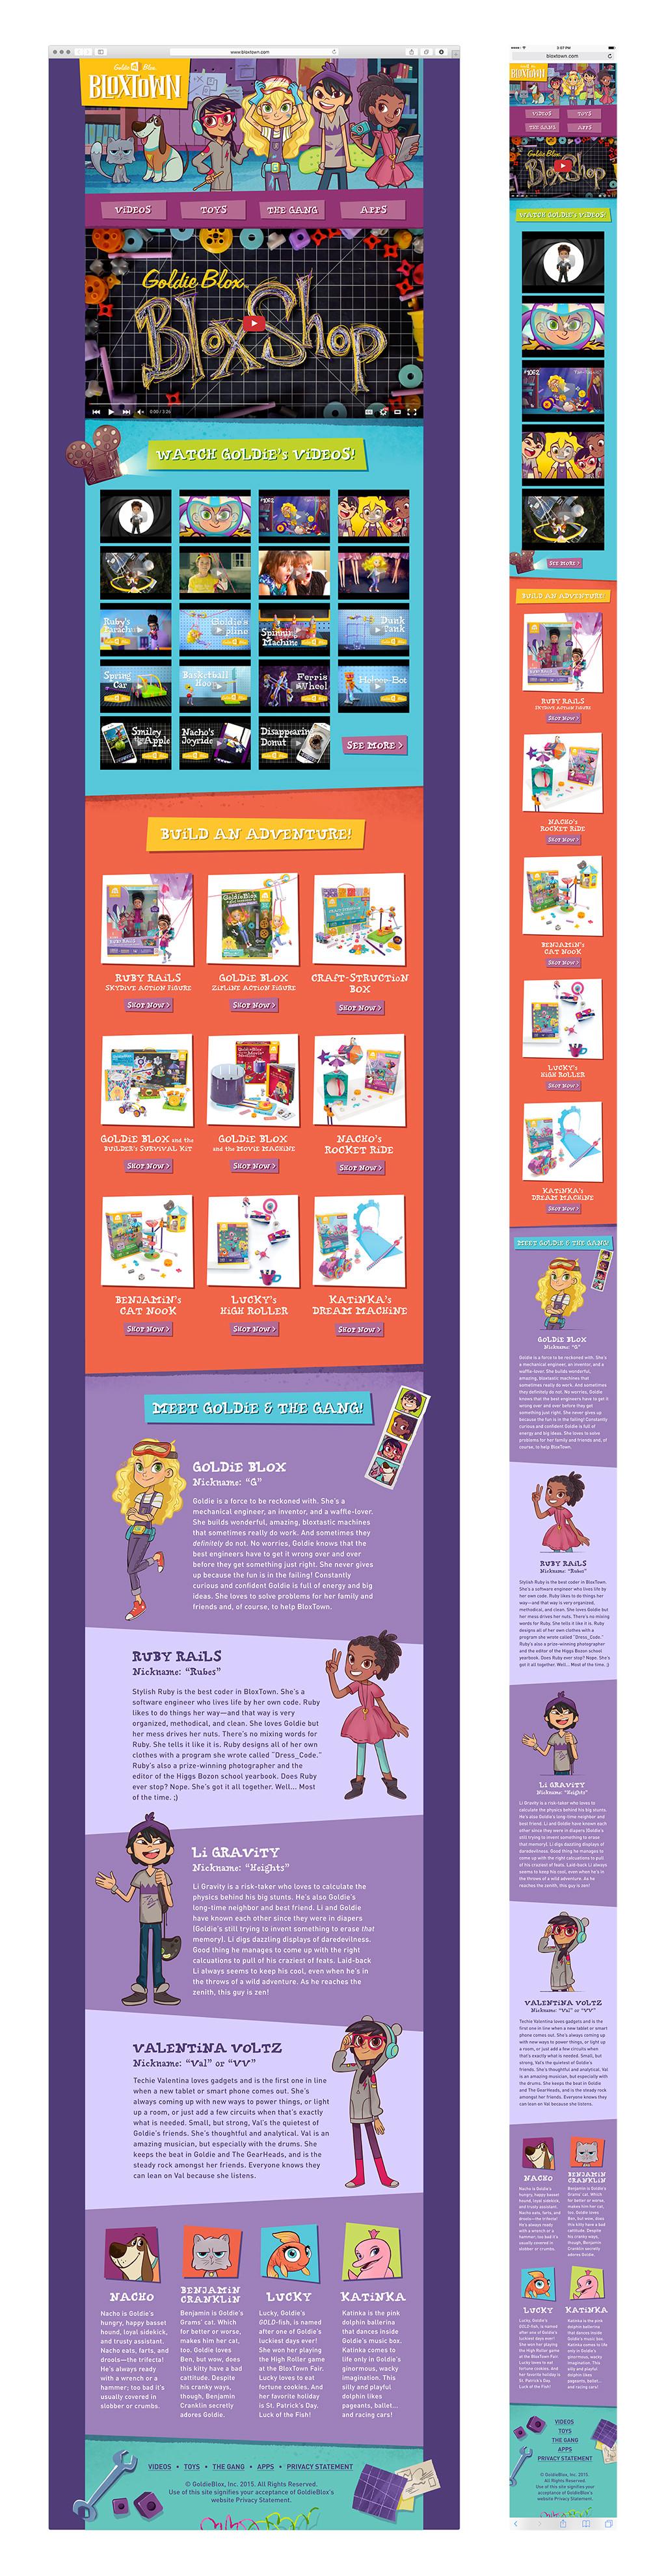 Bloxtown.com v2.0 Desktop & Mobile